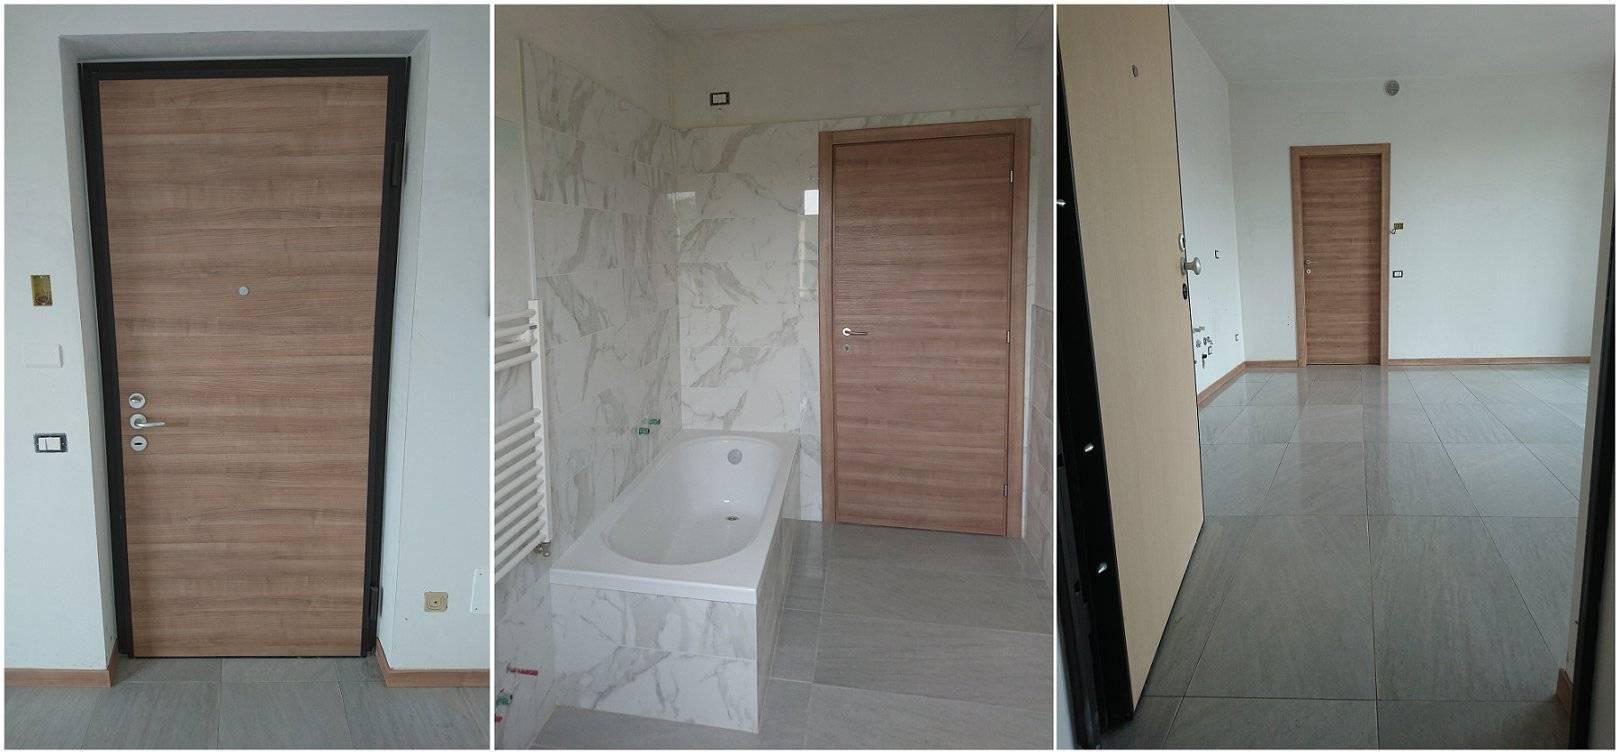 Appartamento in vendita a Cornate d'Adda, 2 locali, prezzo € 107.000 | PortaleAgenzieImmobiliari.it